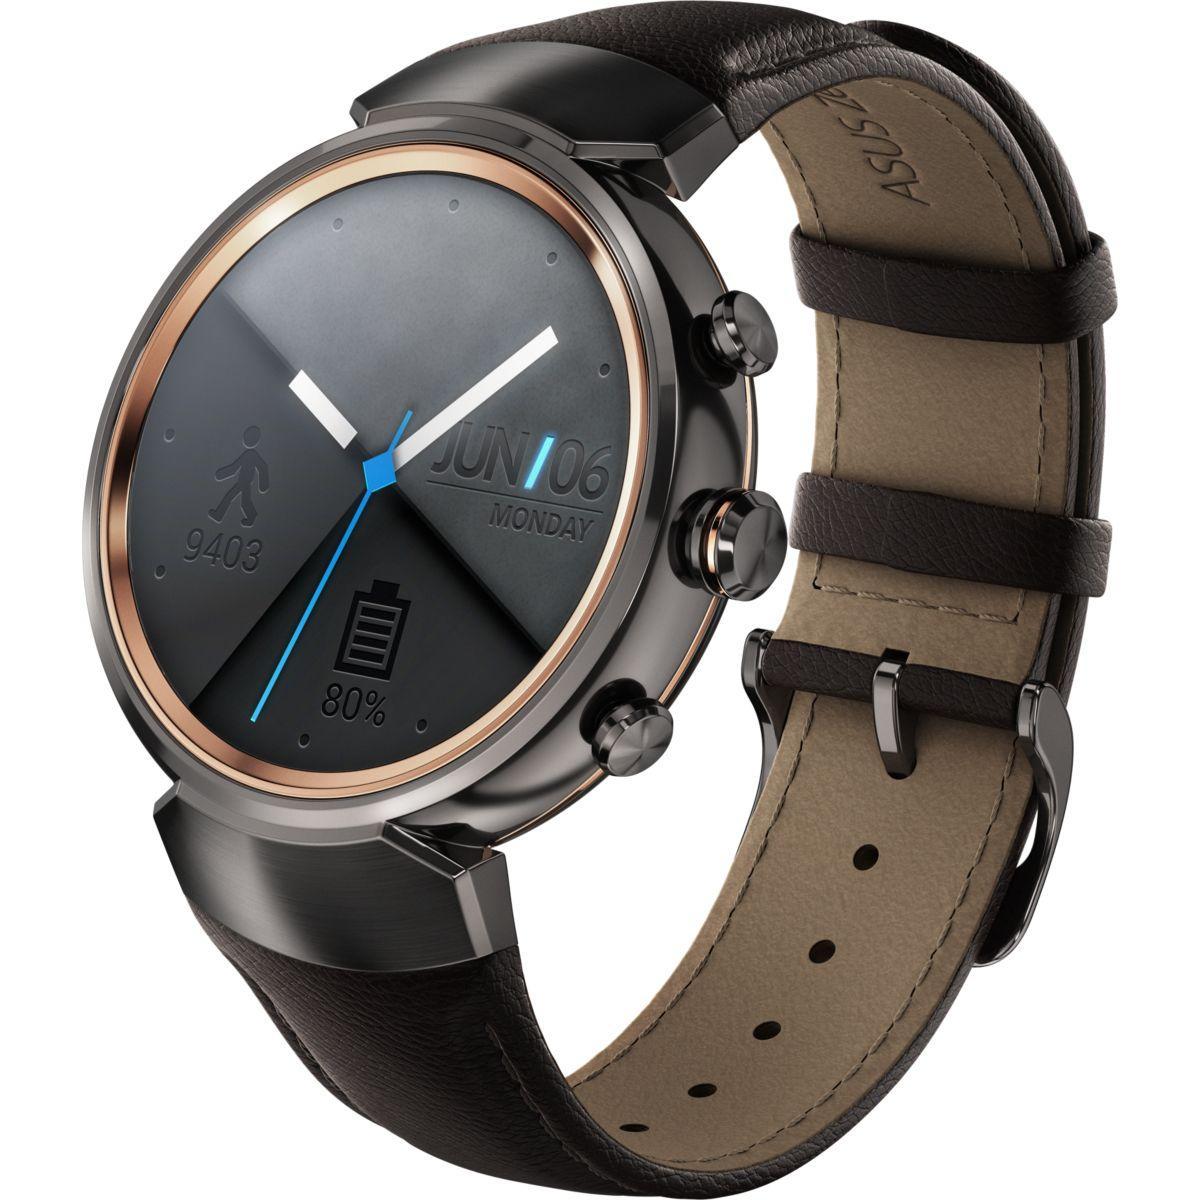 Montre asus zenwatch 3 gris - 5% de remise immédiate avec le code : top5 (photo)